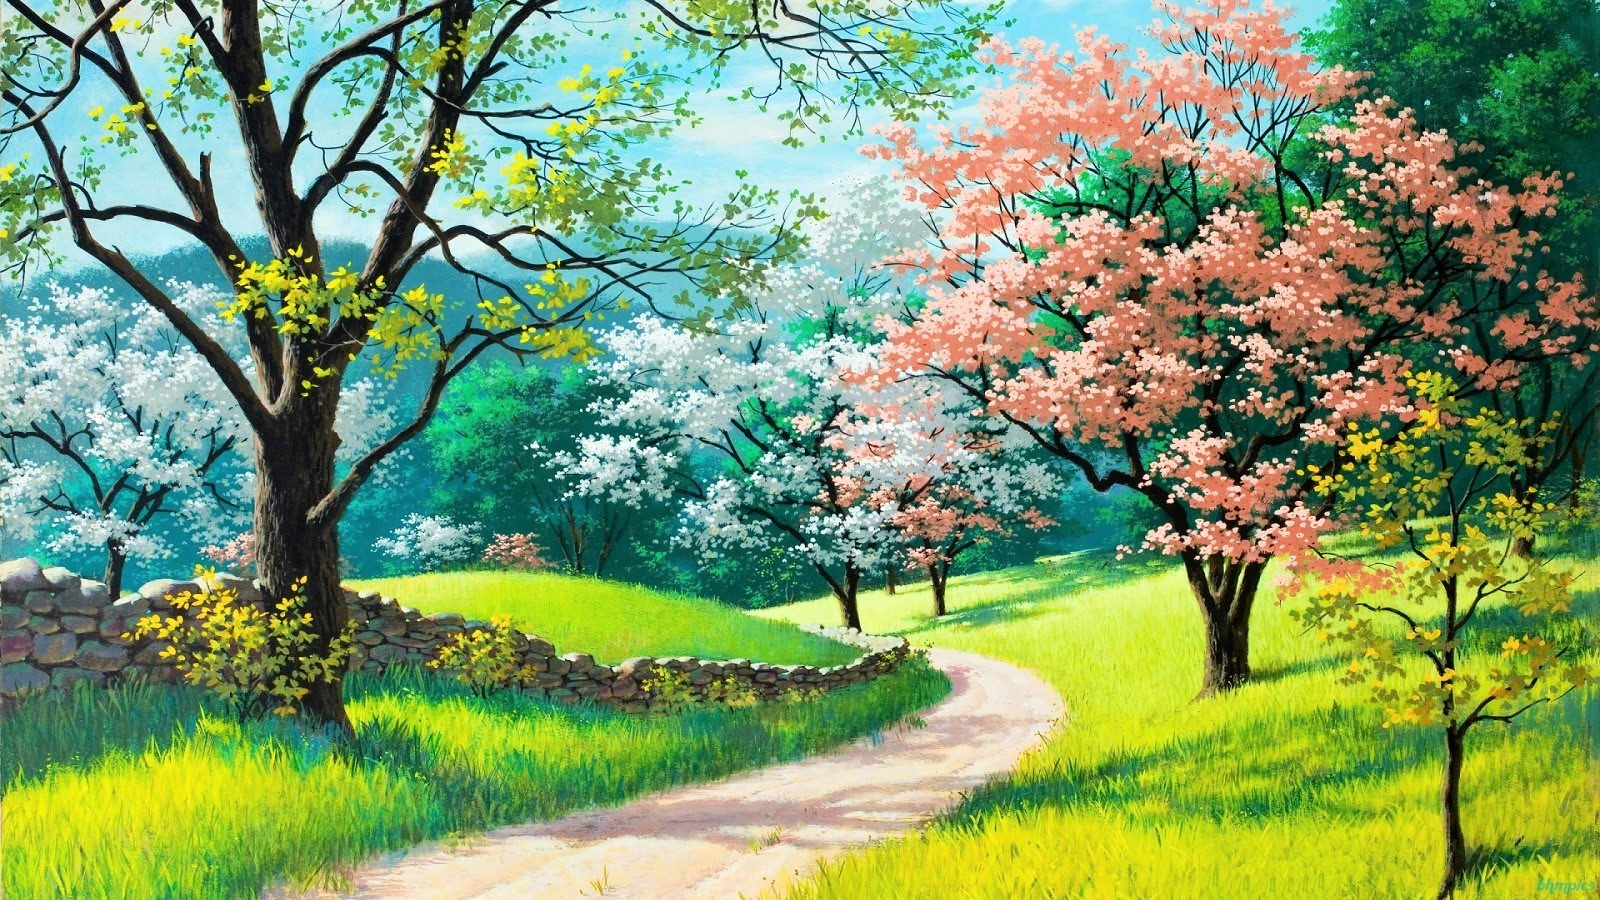 Hình ảnh tranh vẽ về mùa xuân đẹp